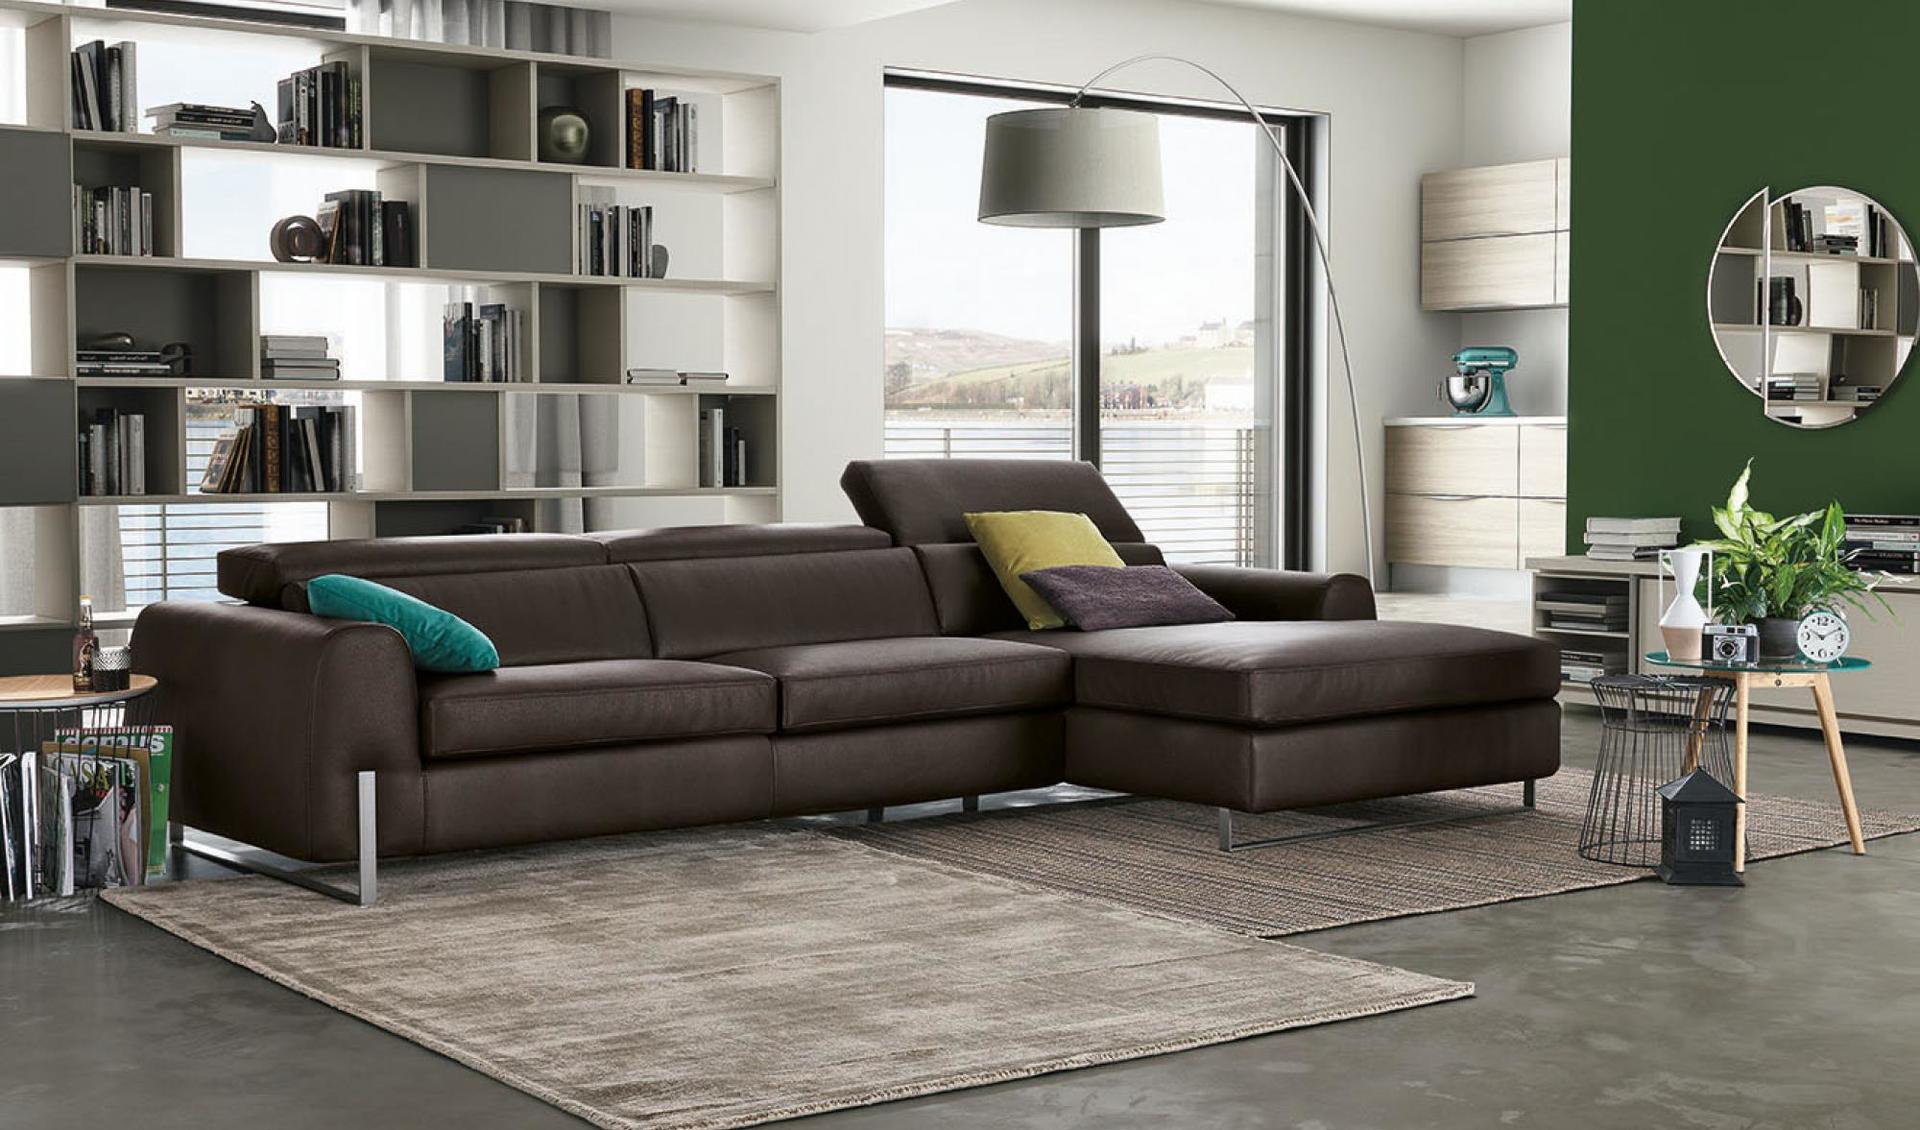 Montella prisma arredo arredamento e mobili per la casa for Siniscalchi salerno arredo casa